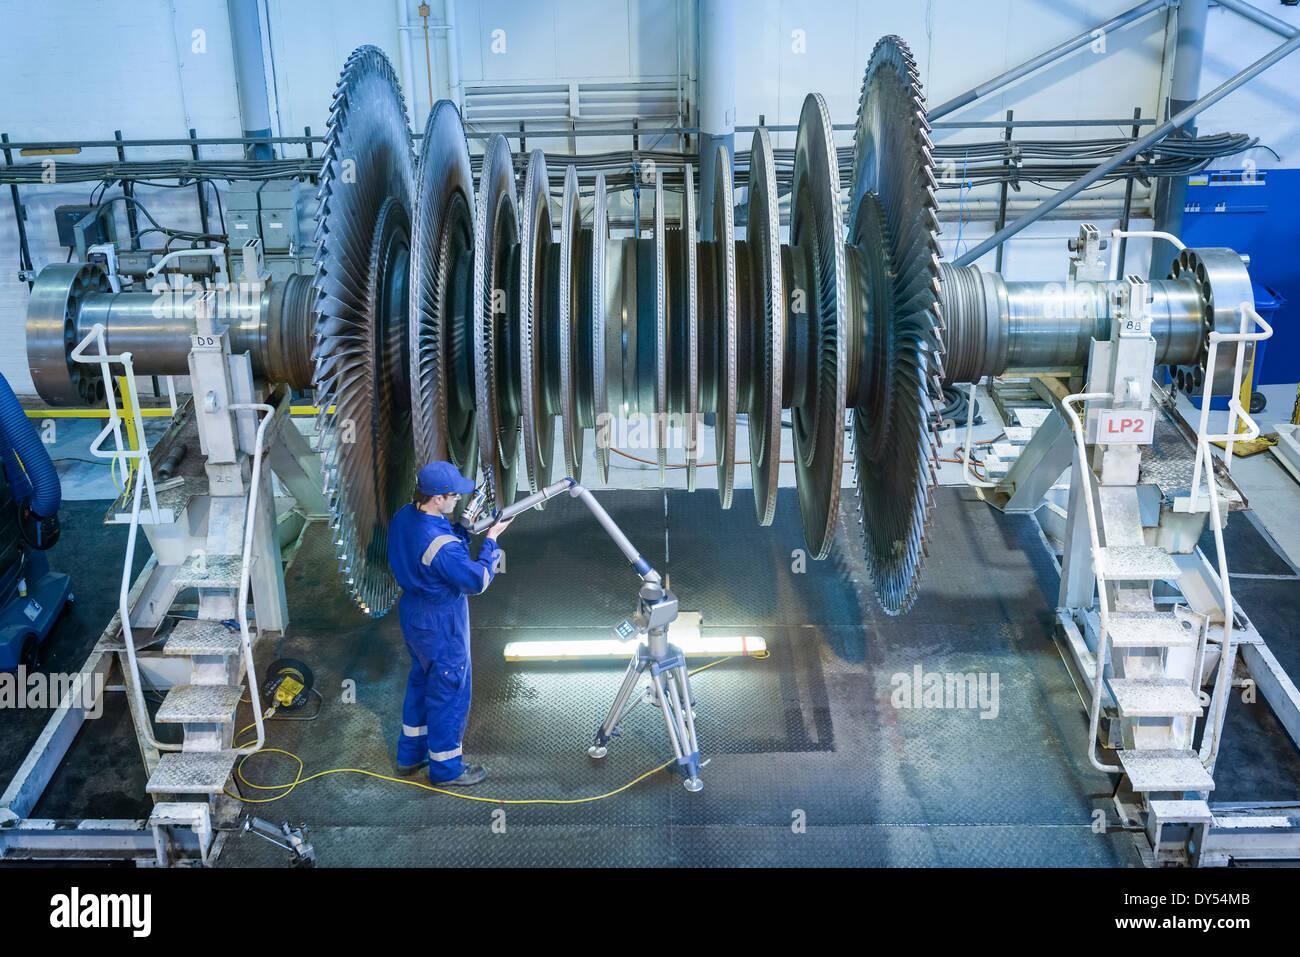 Ingeniero de la turbina de vapor de baja presión de medición de piezas en obras de reparación Imagen De Stock